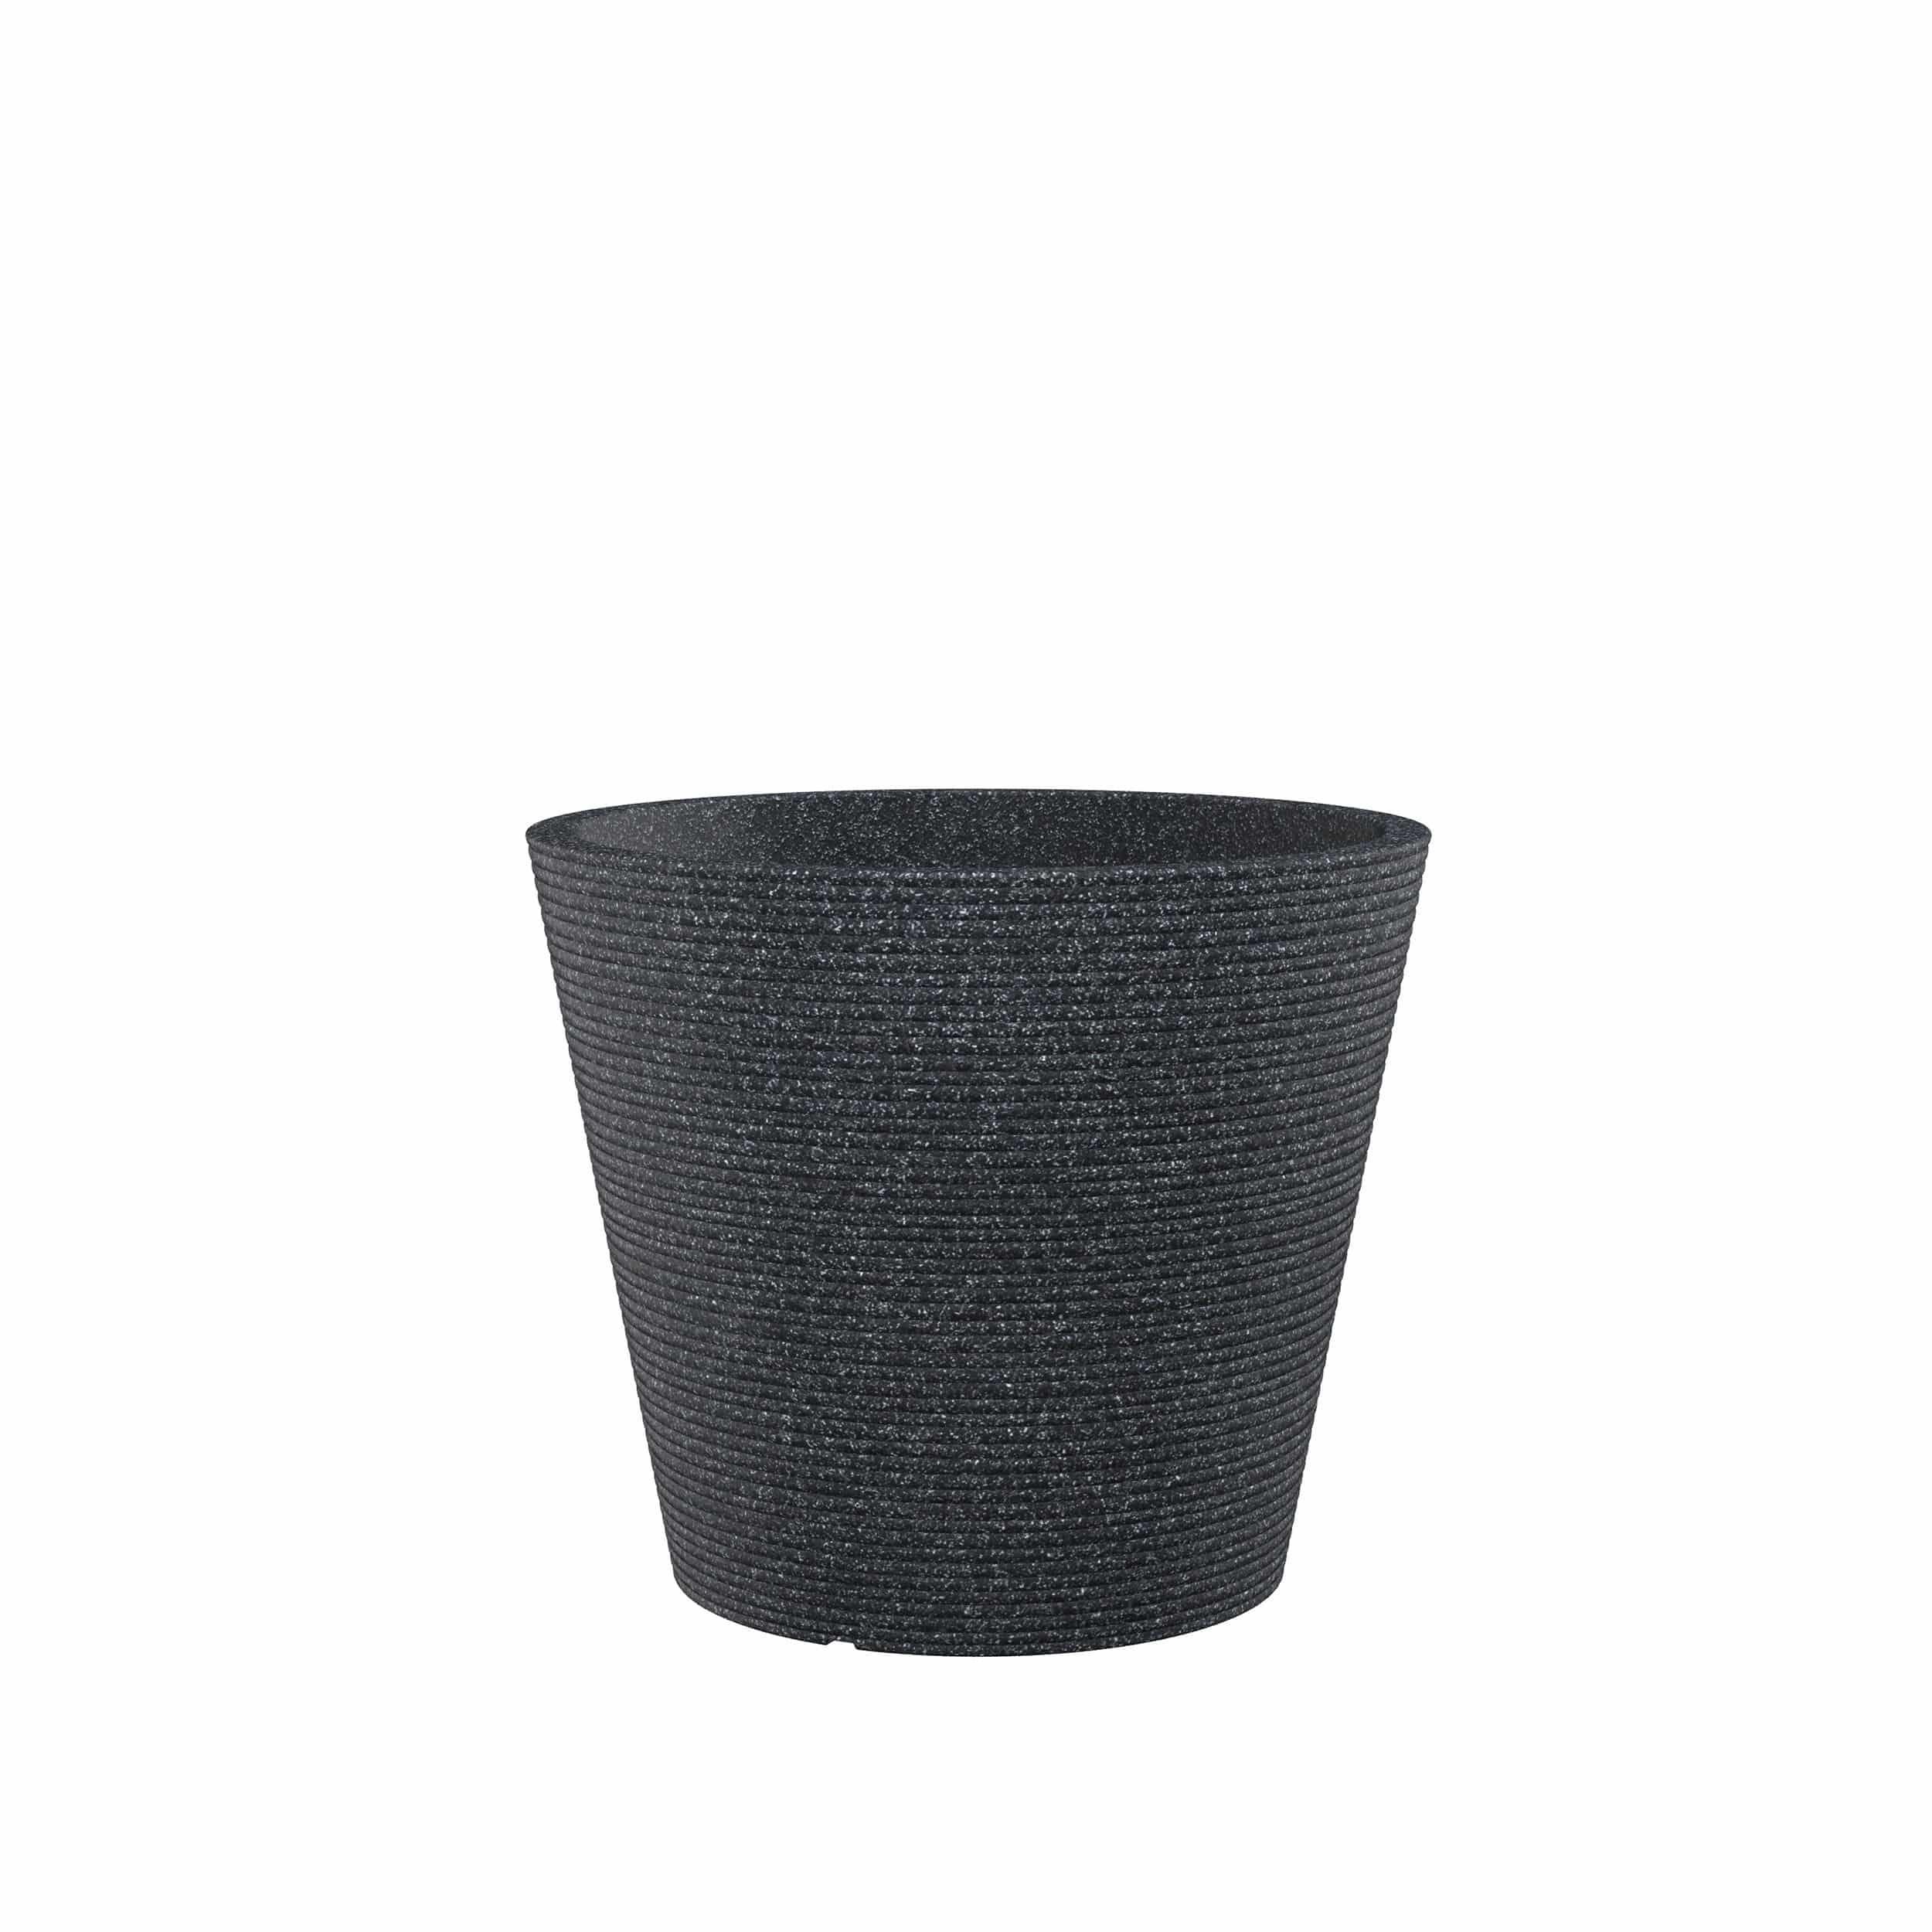 Blumenkübel Coneo D49 cm schwarz